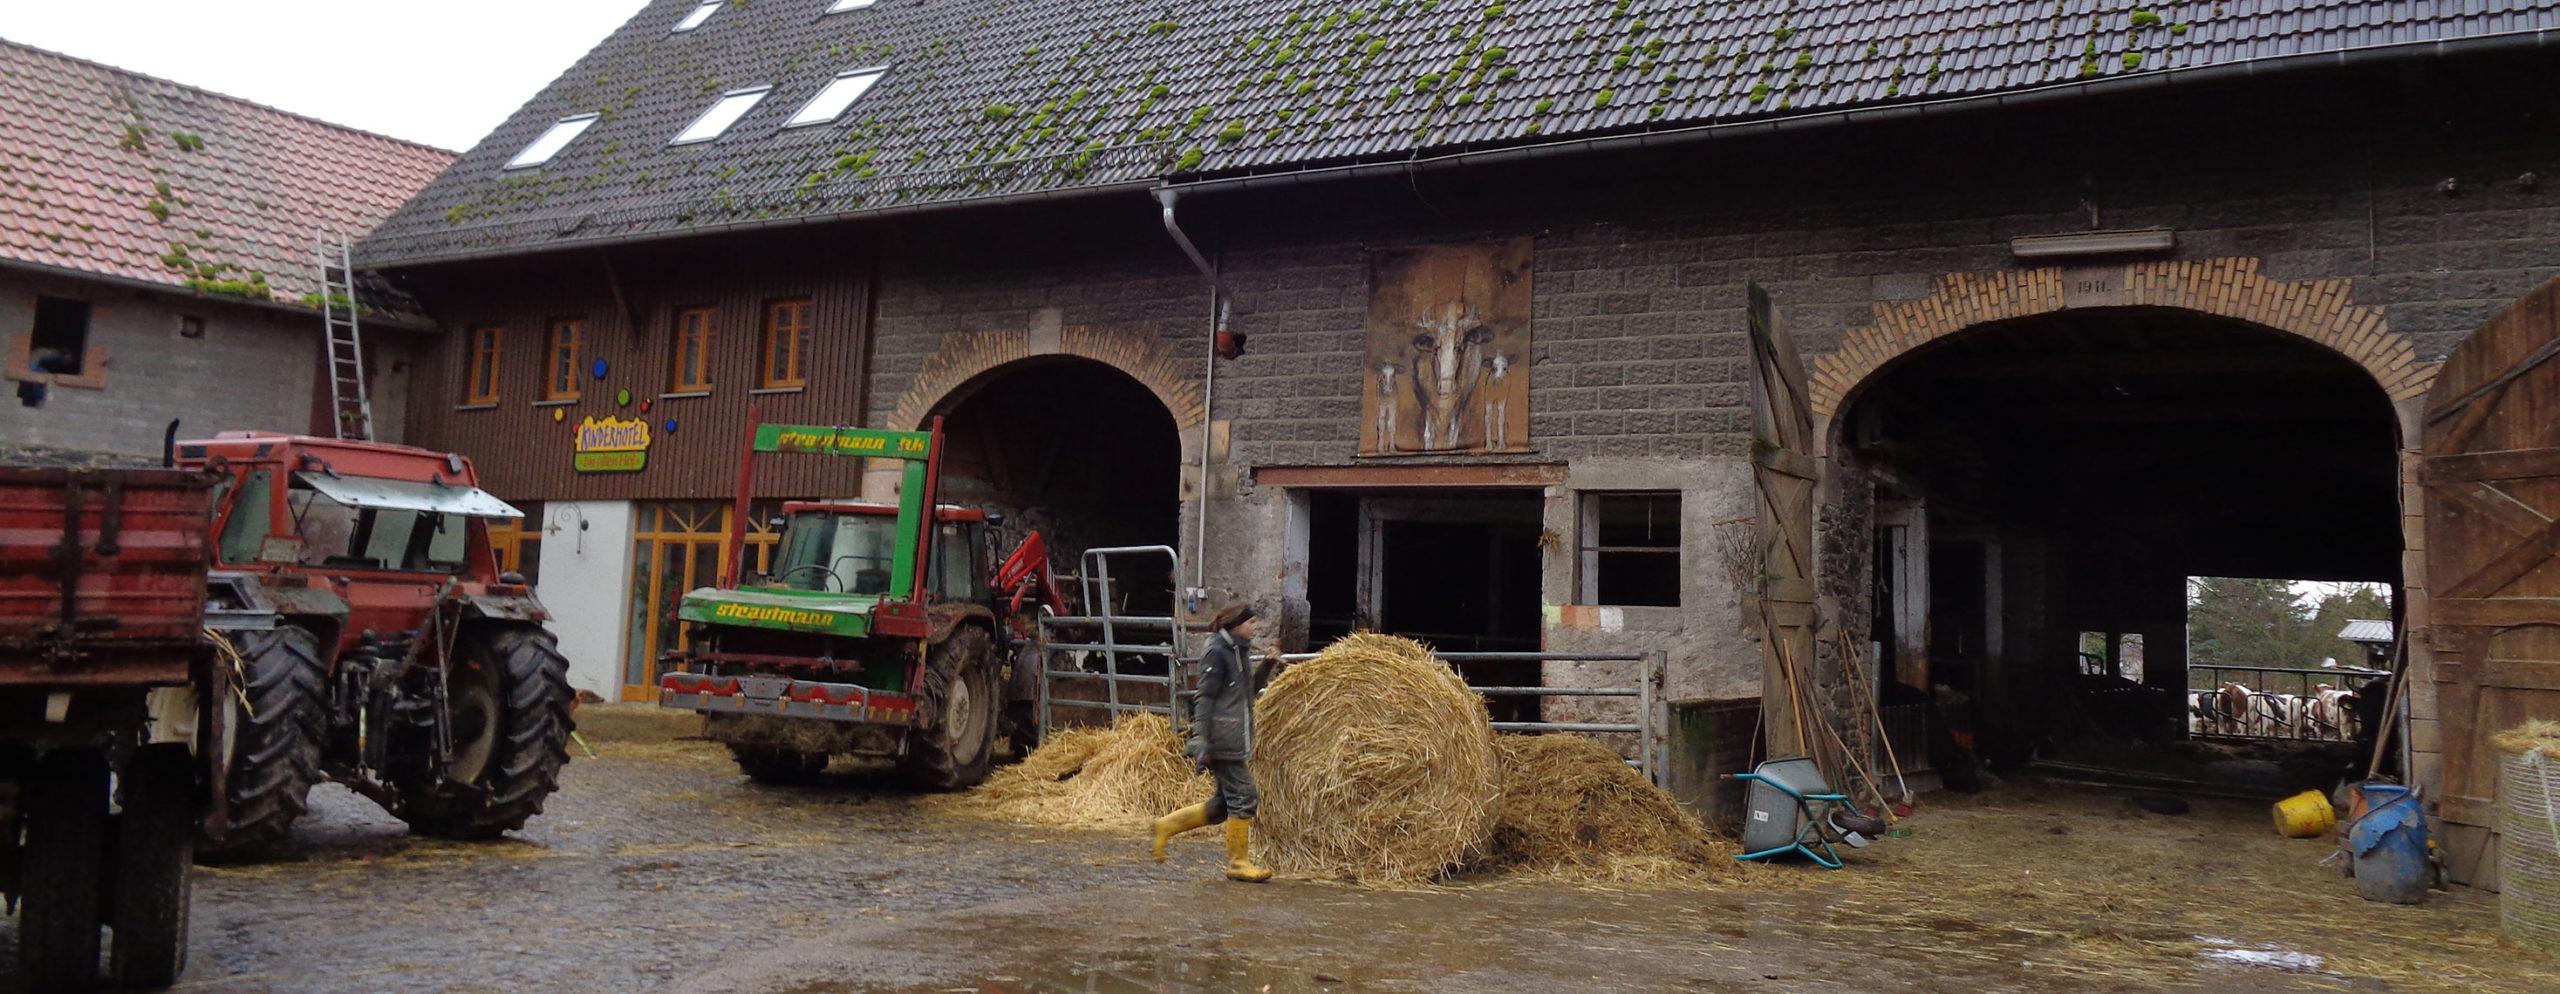 Traktoren im Hof